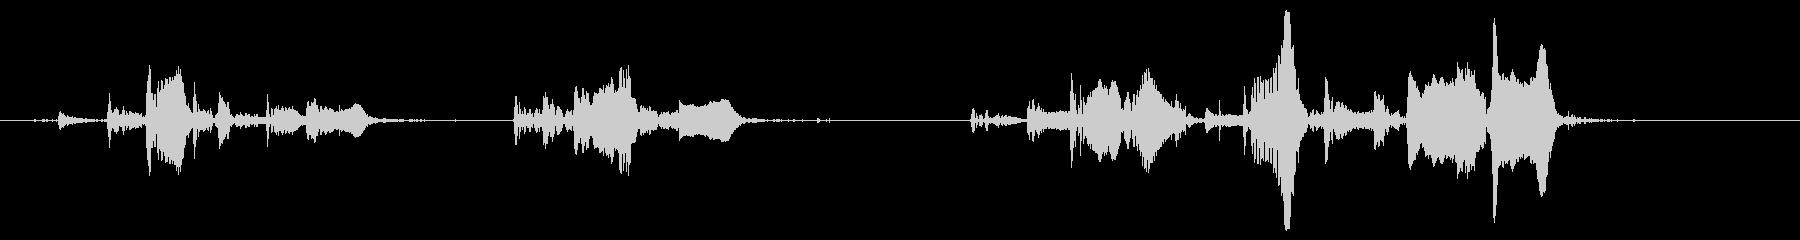 短い泡の噴出、フォリー、ボイルの未再生の波形